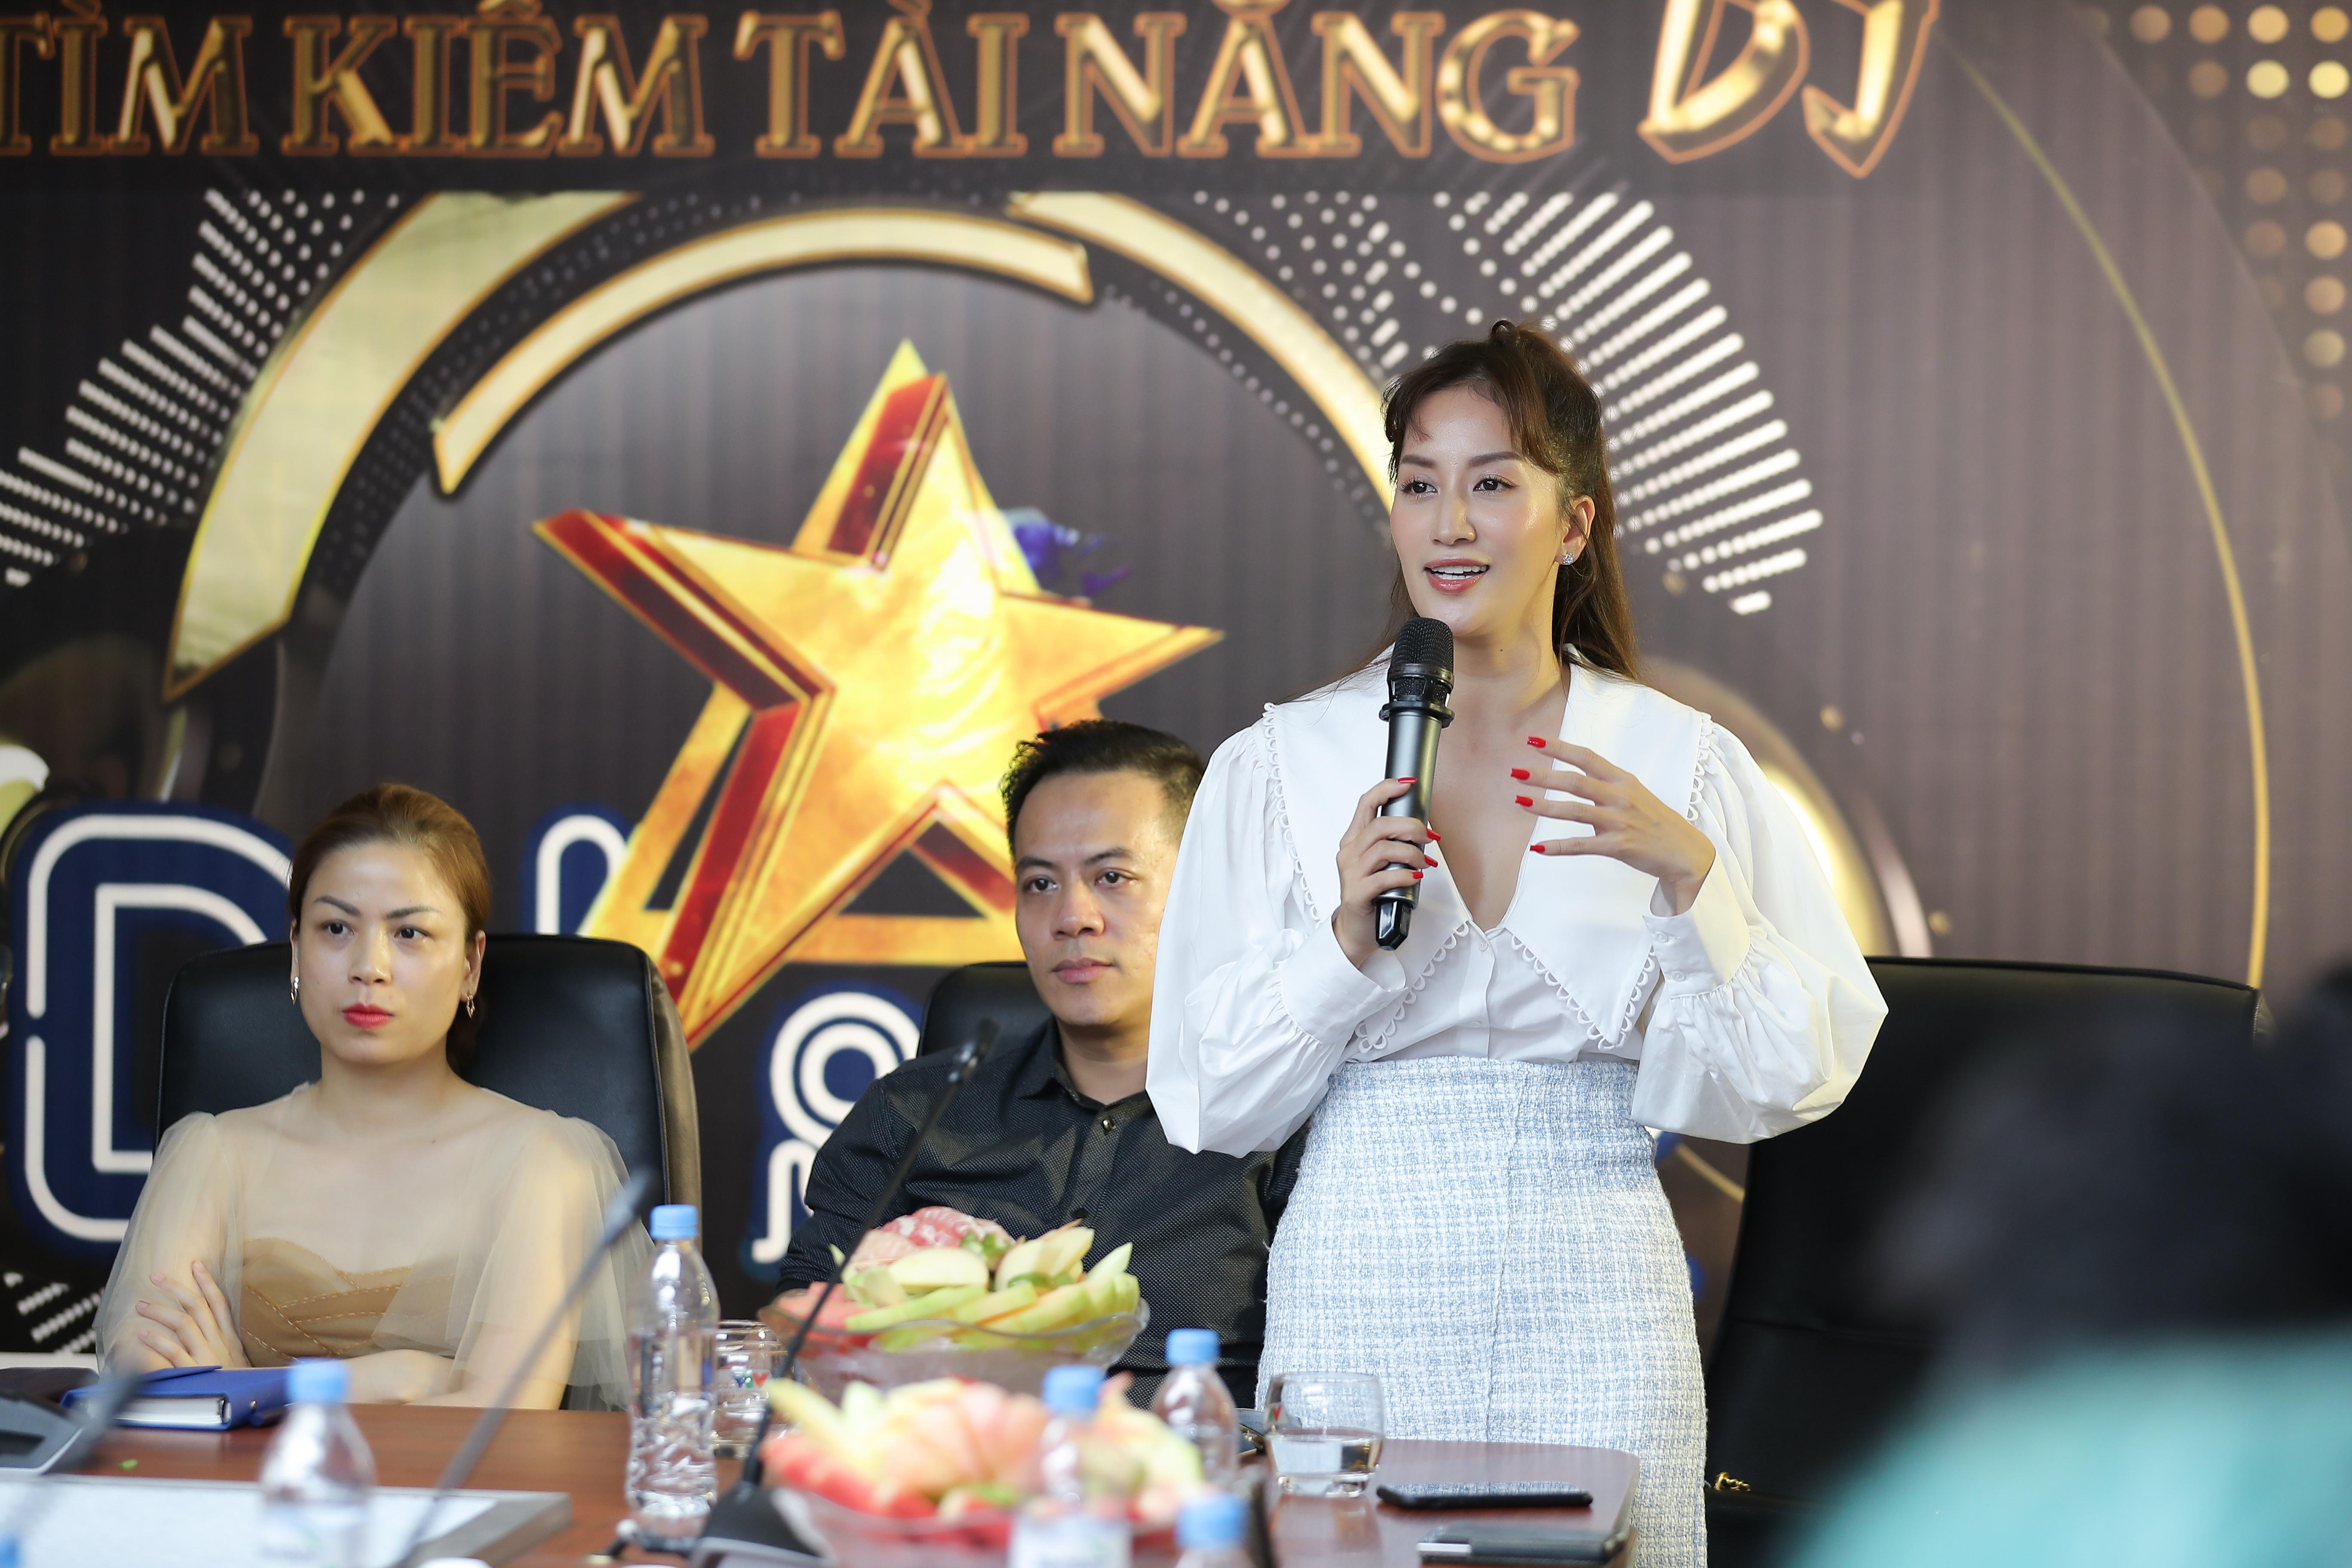 Nữ hoàng DanceSport Khánh Thi (đứng) là thành viên Ban giám khảo đêm Chung kết. Ảnh: Hòa Nguyễn.